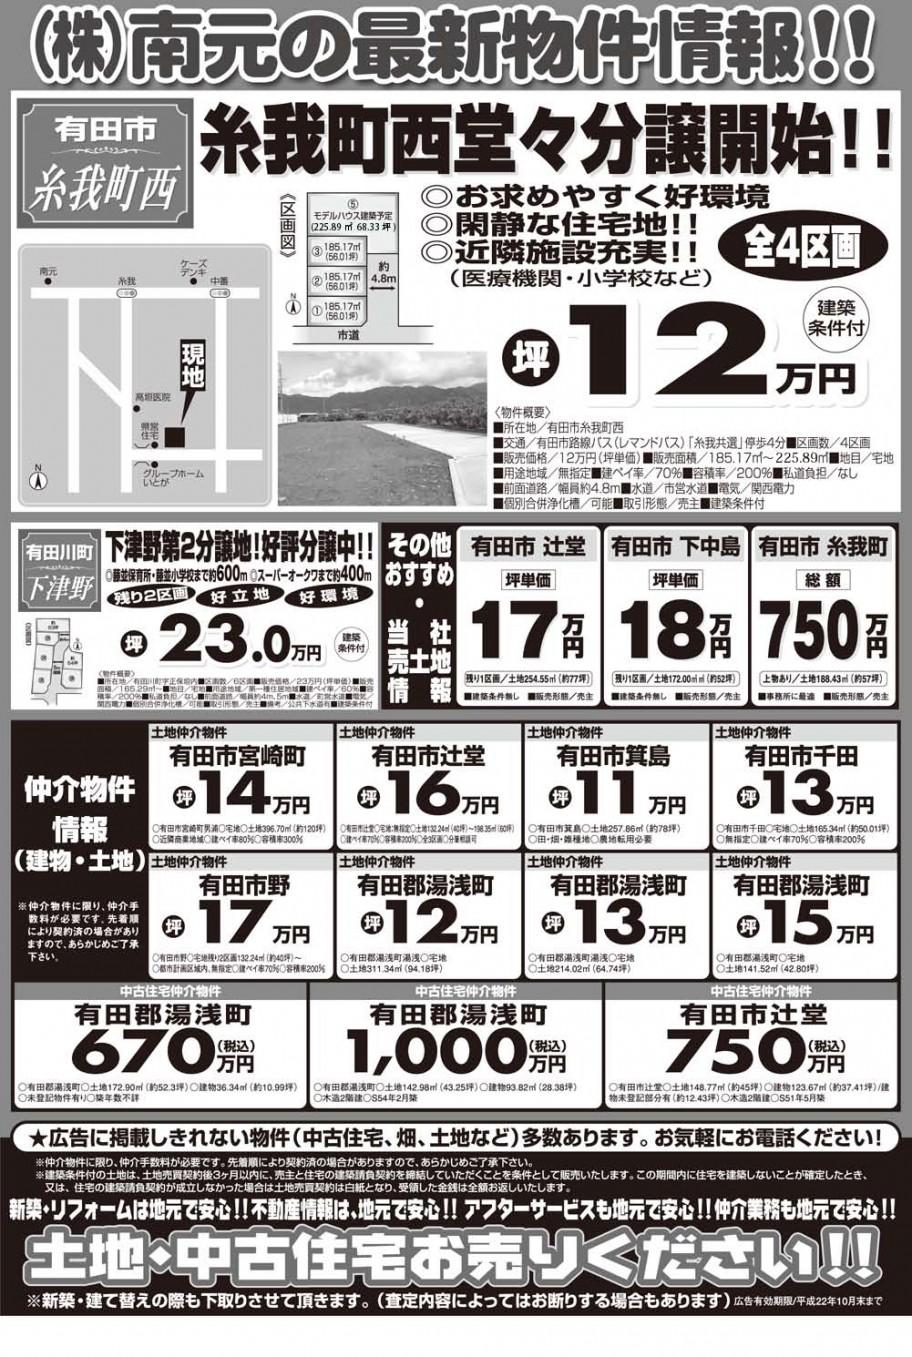 最新広告 9月24日付2